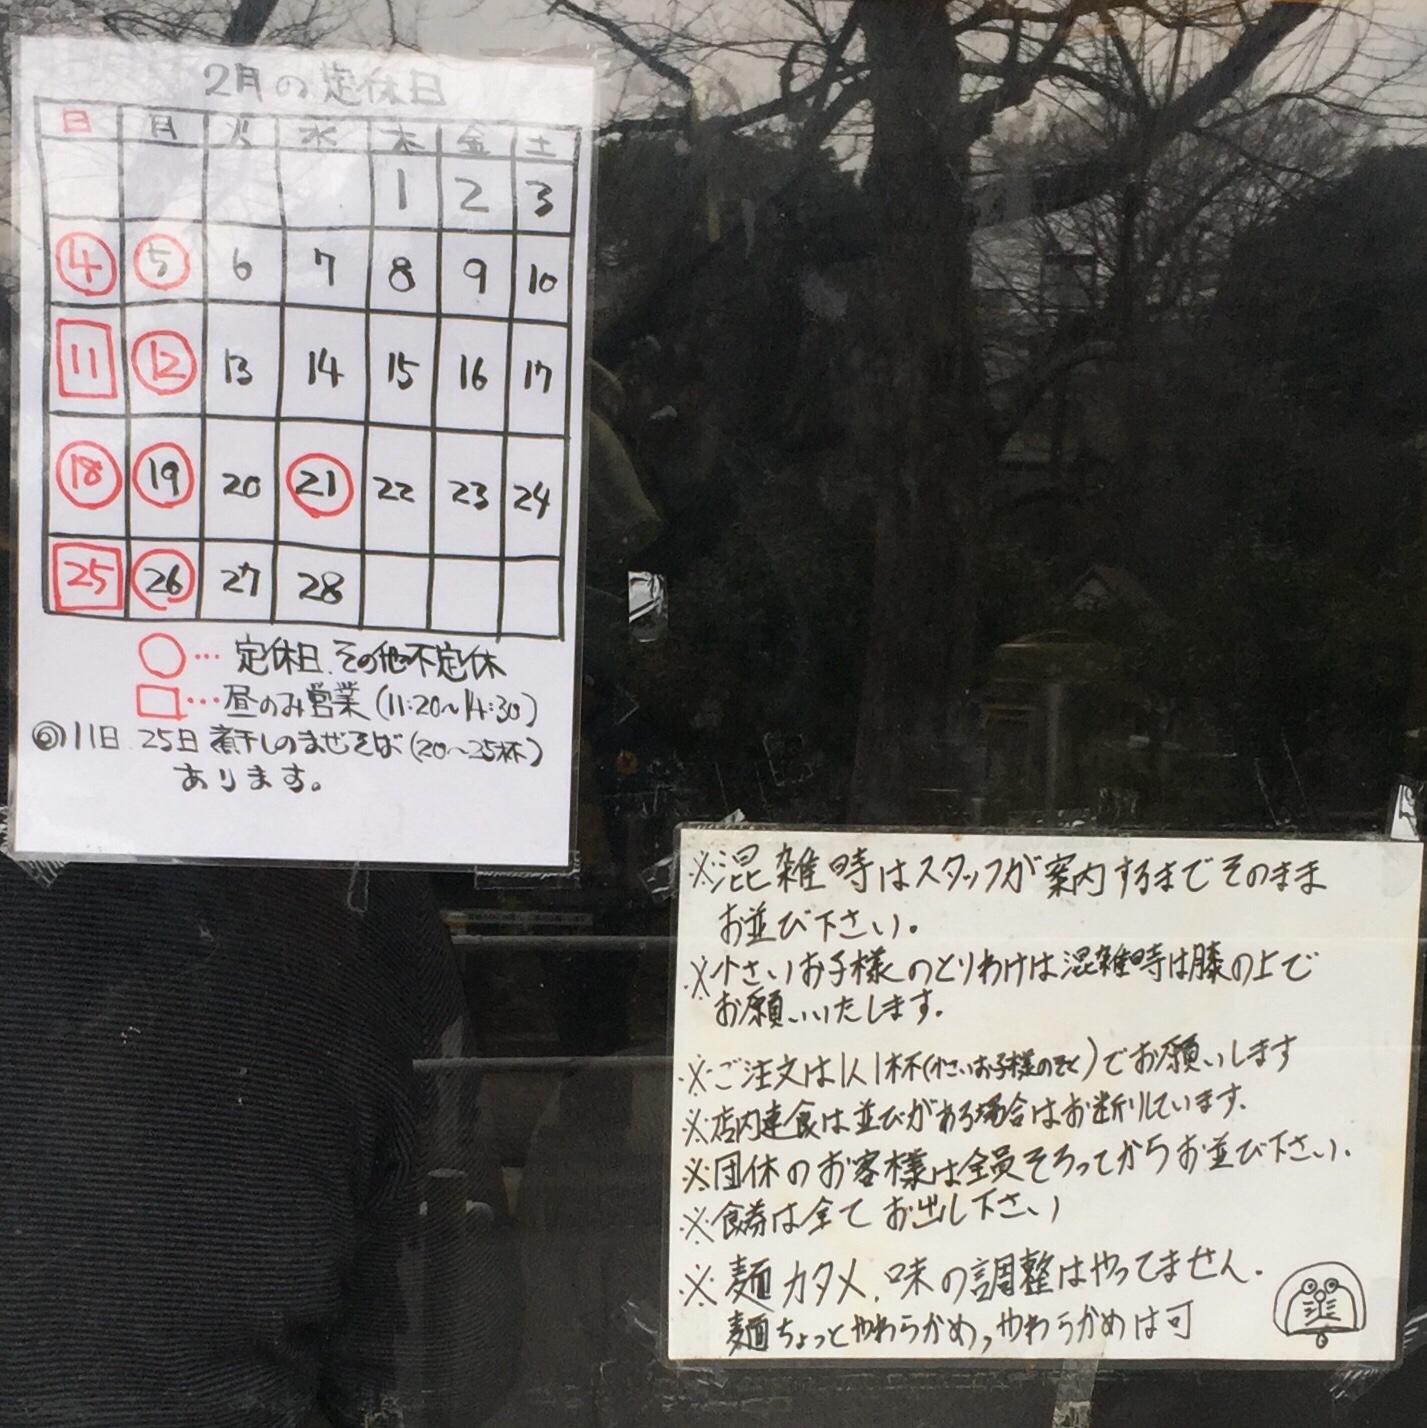 中華ソバ 伊吹 営業案内 営業カレンダー 注意書